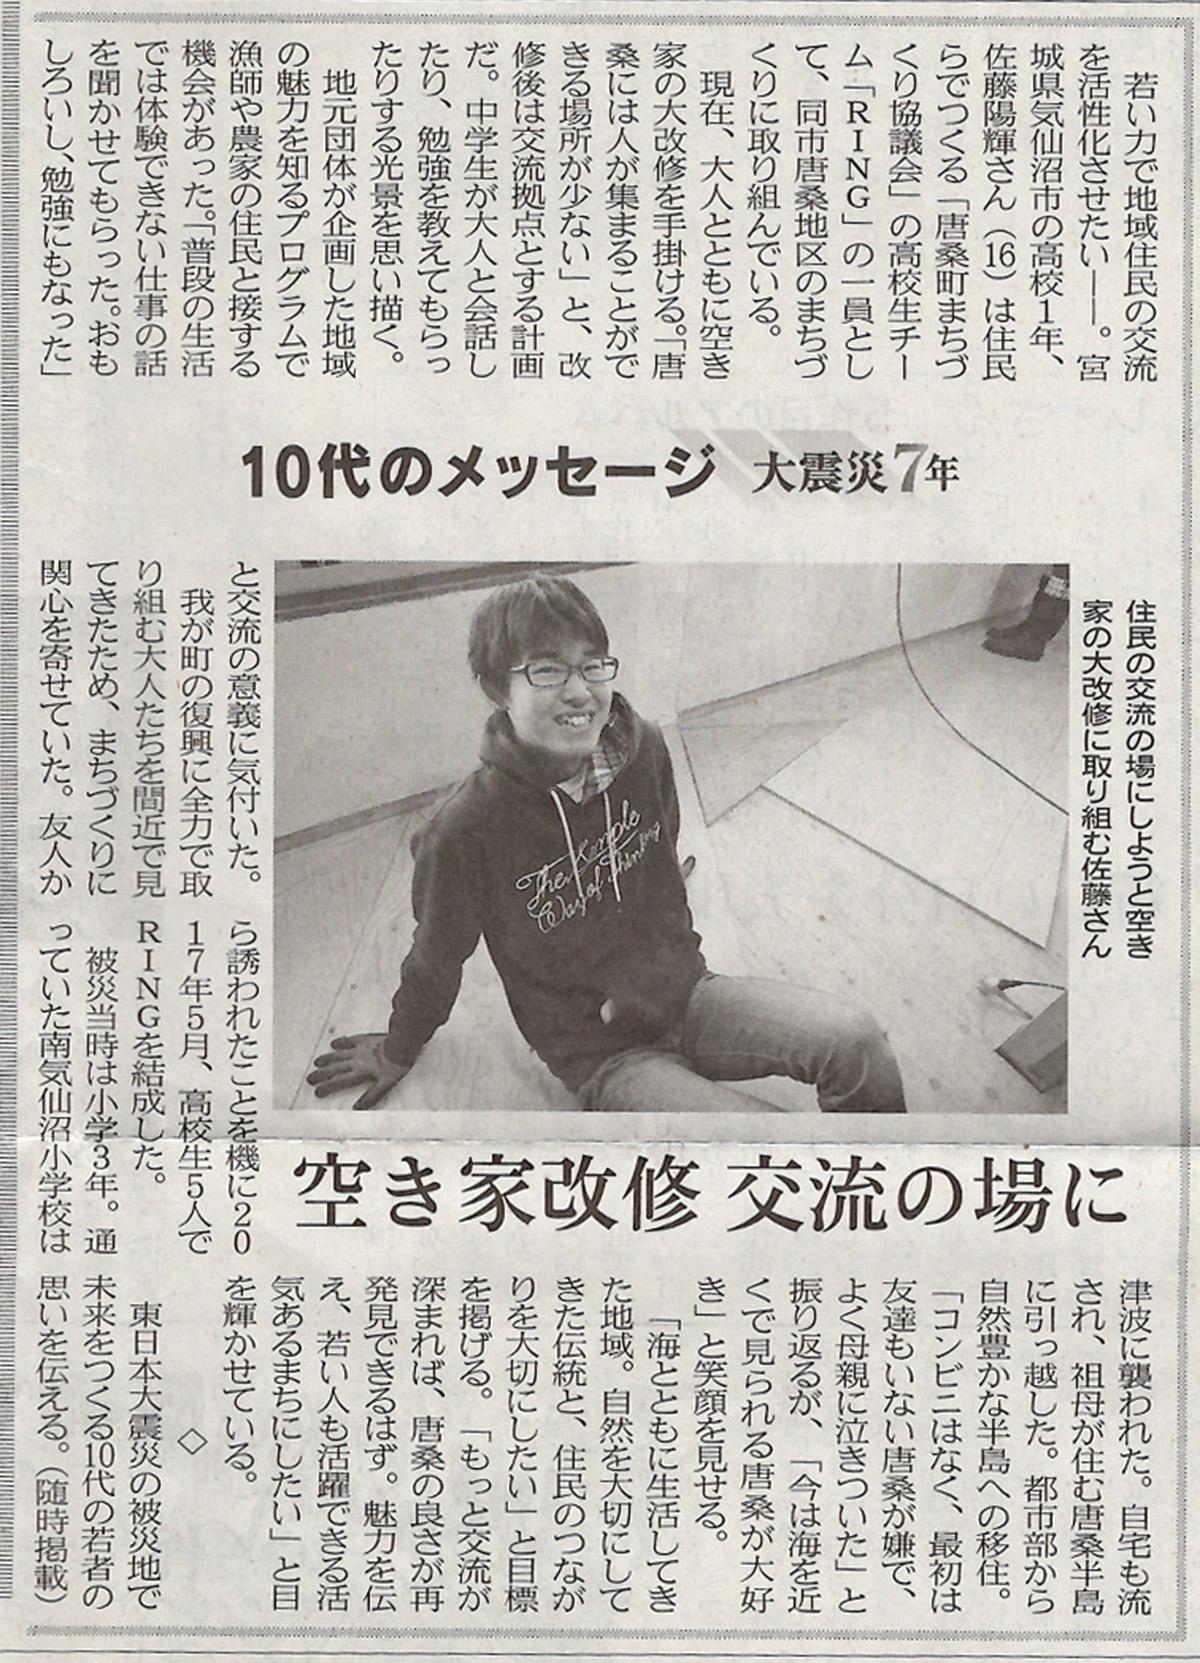 180307_はるきインタビュー(日本経済新聞_夕刊)